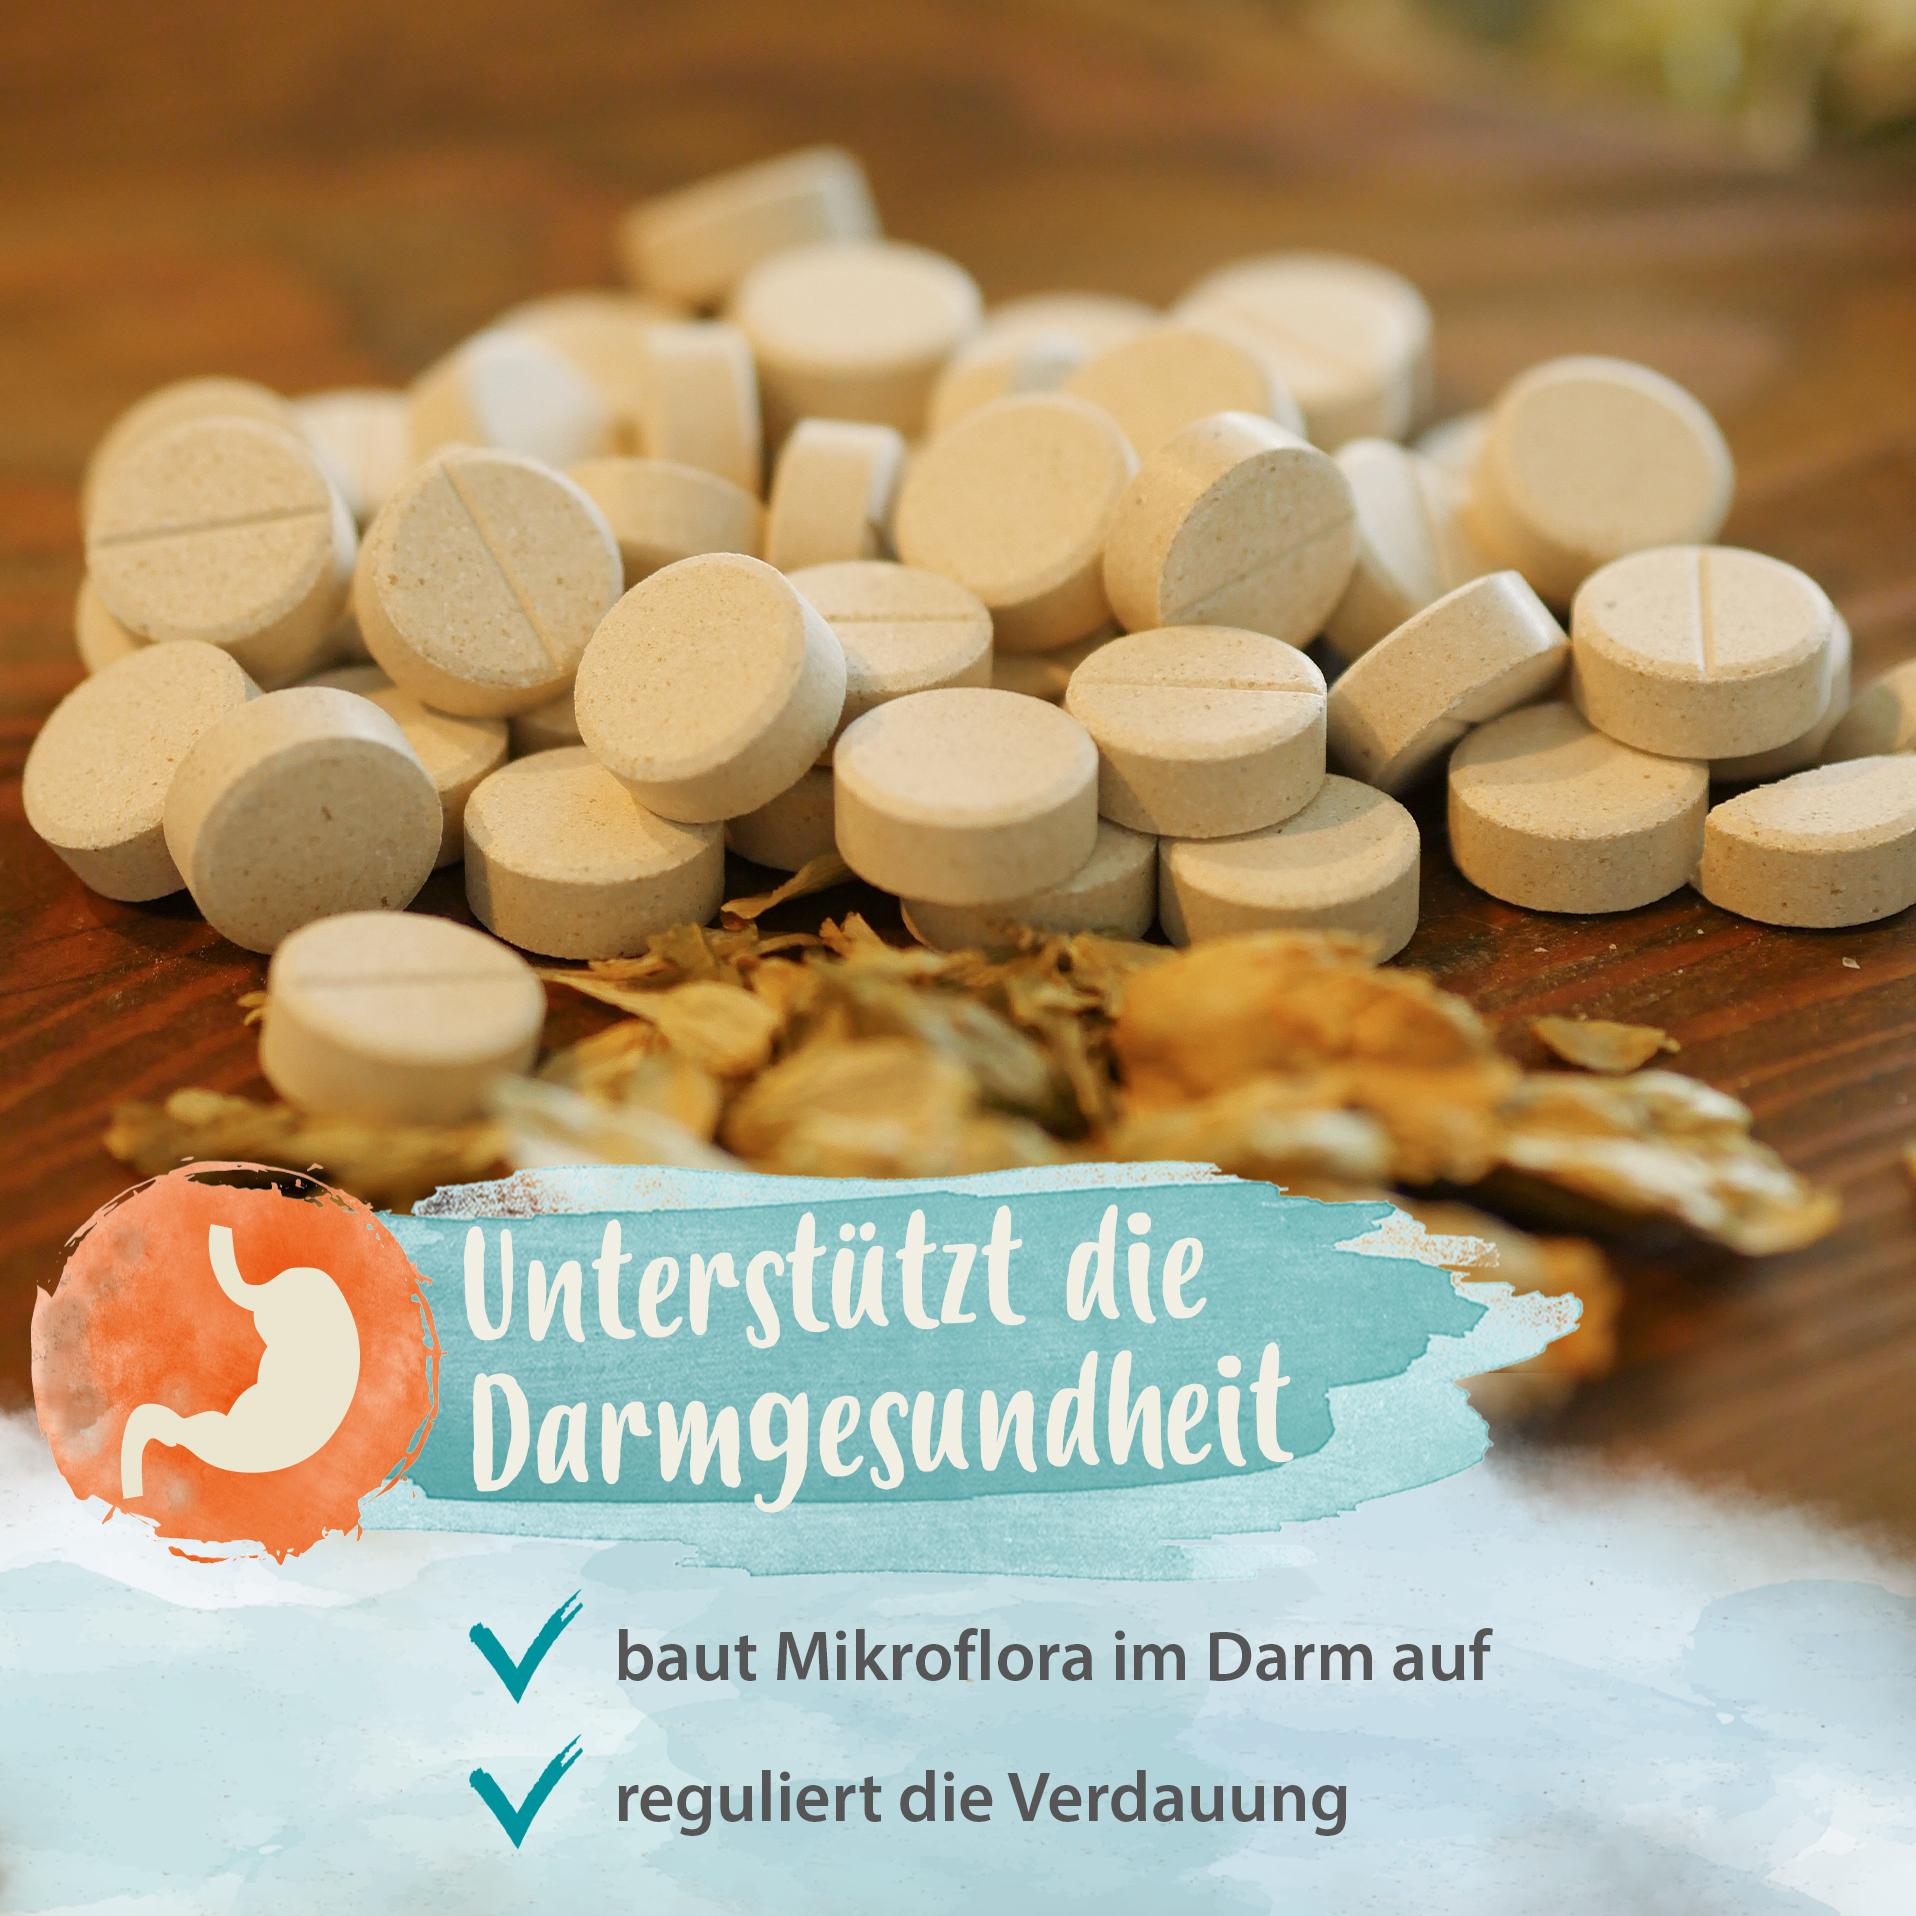 Darmbiotic - gesunde Darmbakterien - Probiotika zur Darmsanierung - 120 Stk.